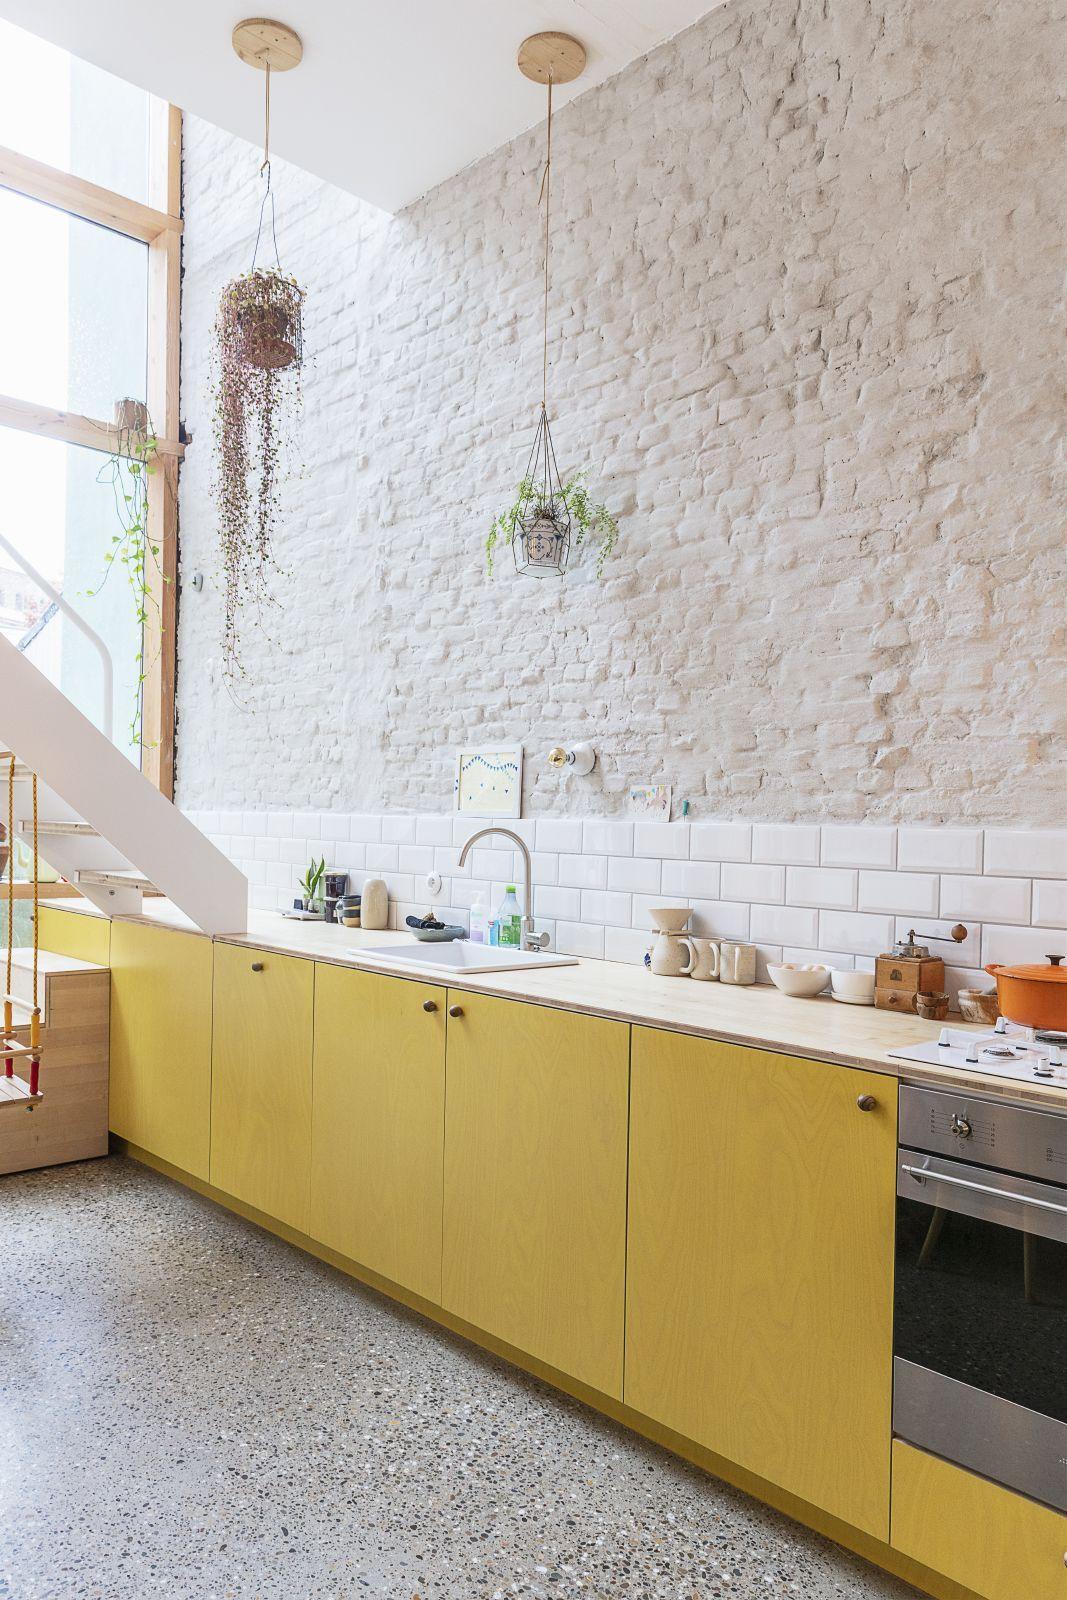 Birbirinden Şık Mutfak Dolapları — Dekorasyon Önerileri & Trendler | Armut Blog